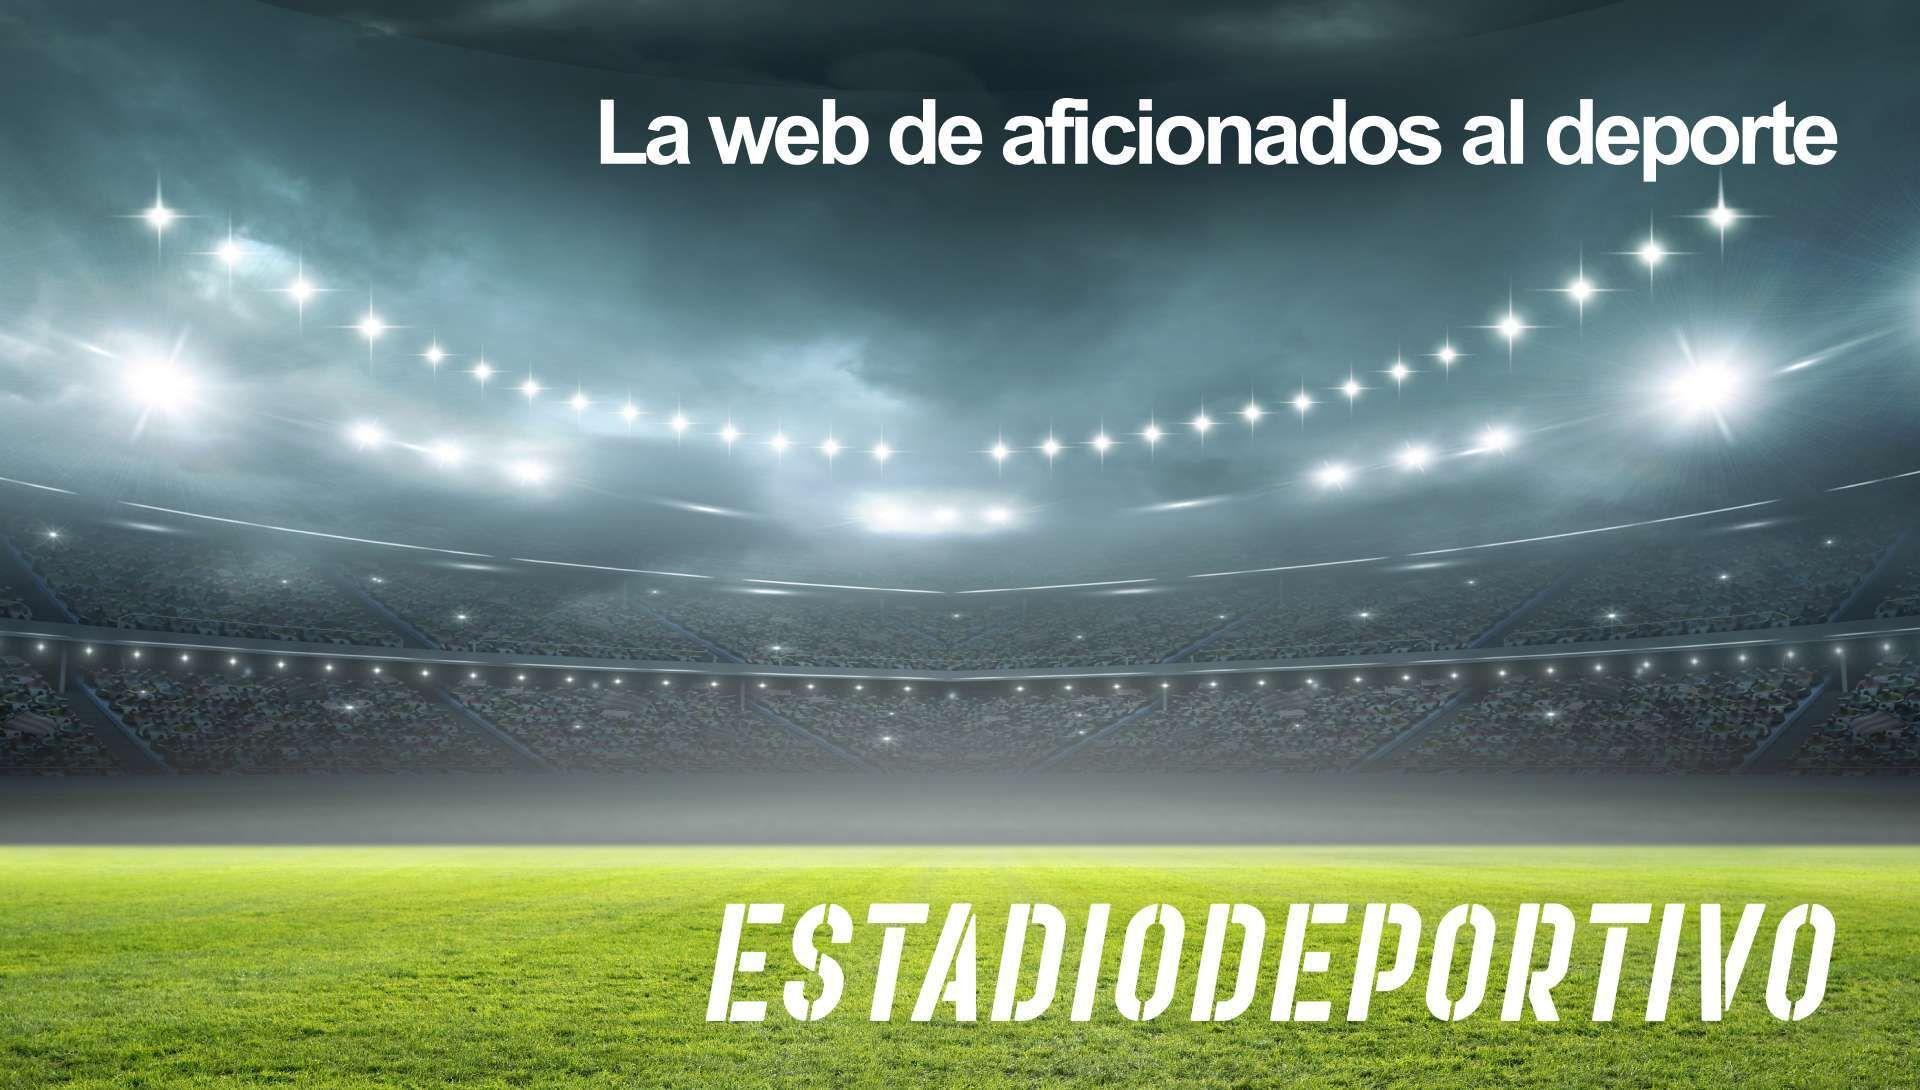 Las portadas de la prensa deportiva del 16 de octubre de 2021